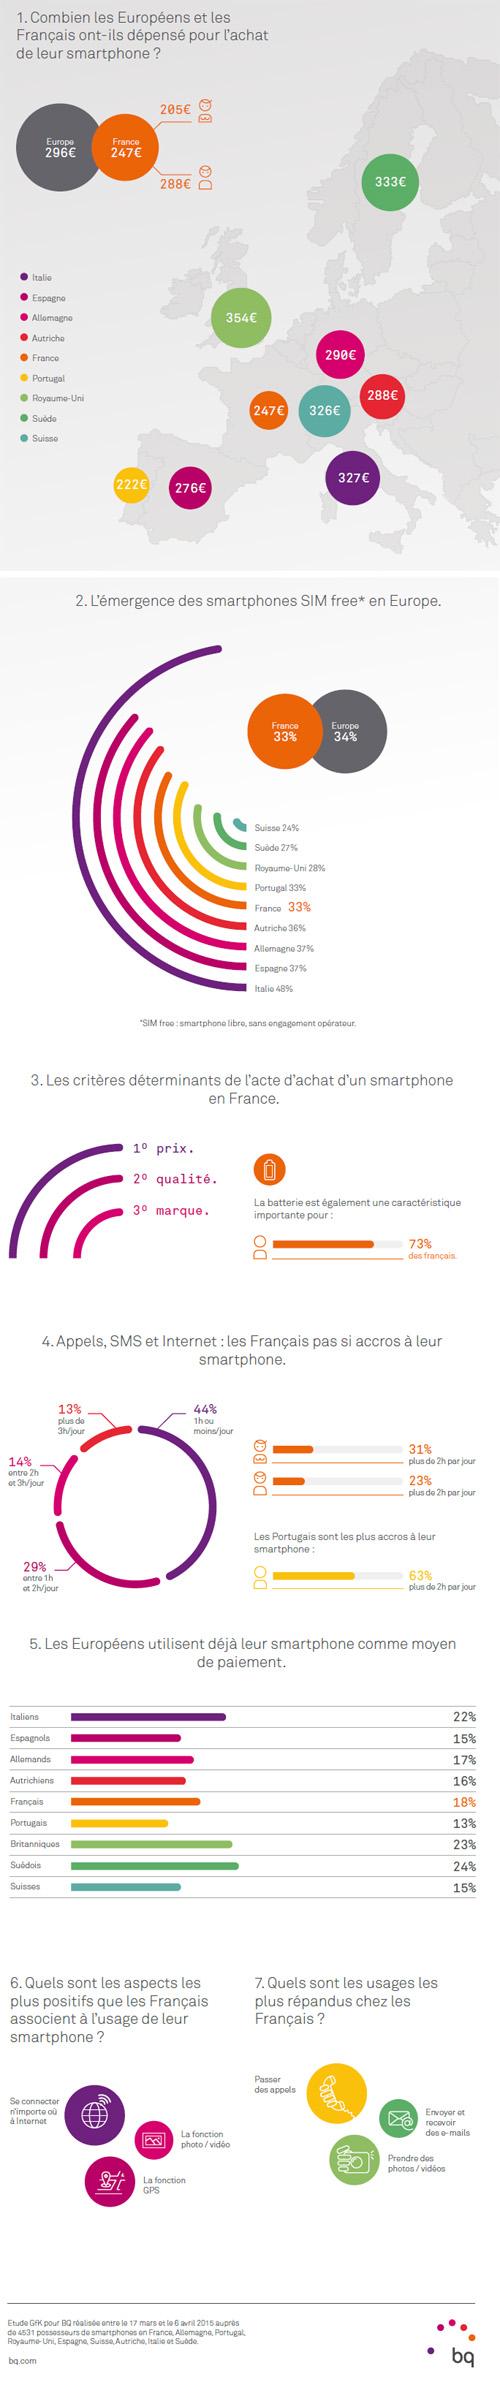 Combien les Européens sont-ils prêts à payer leur smartphone ?